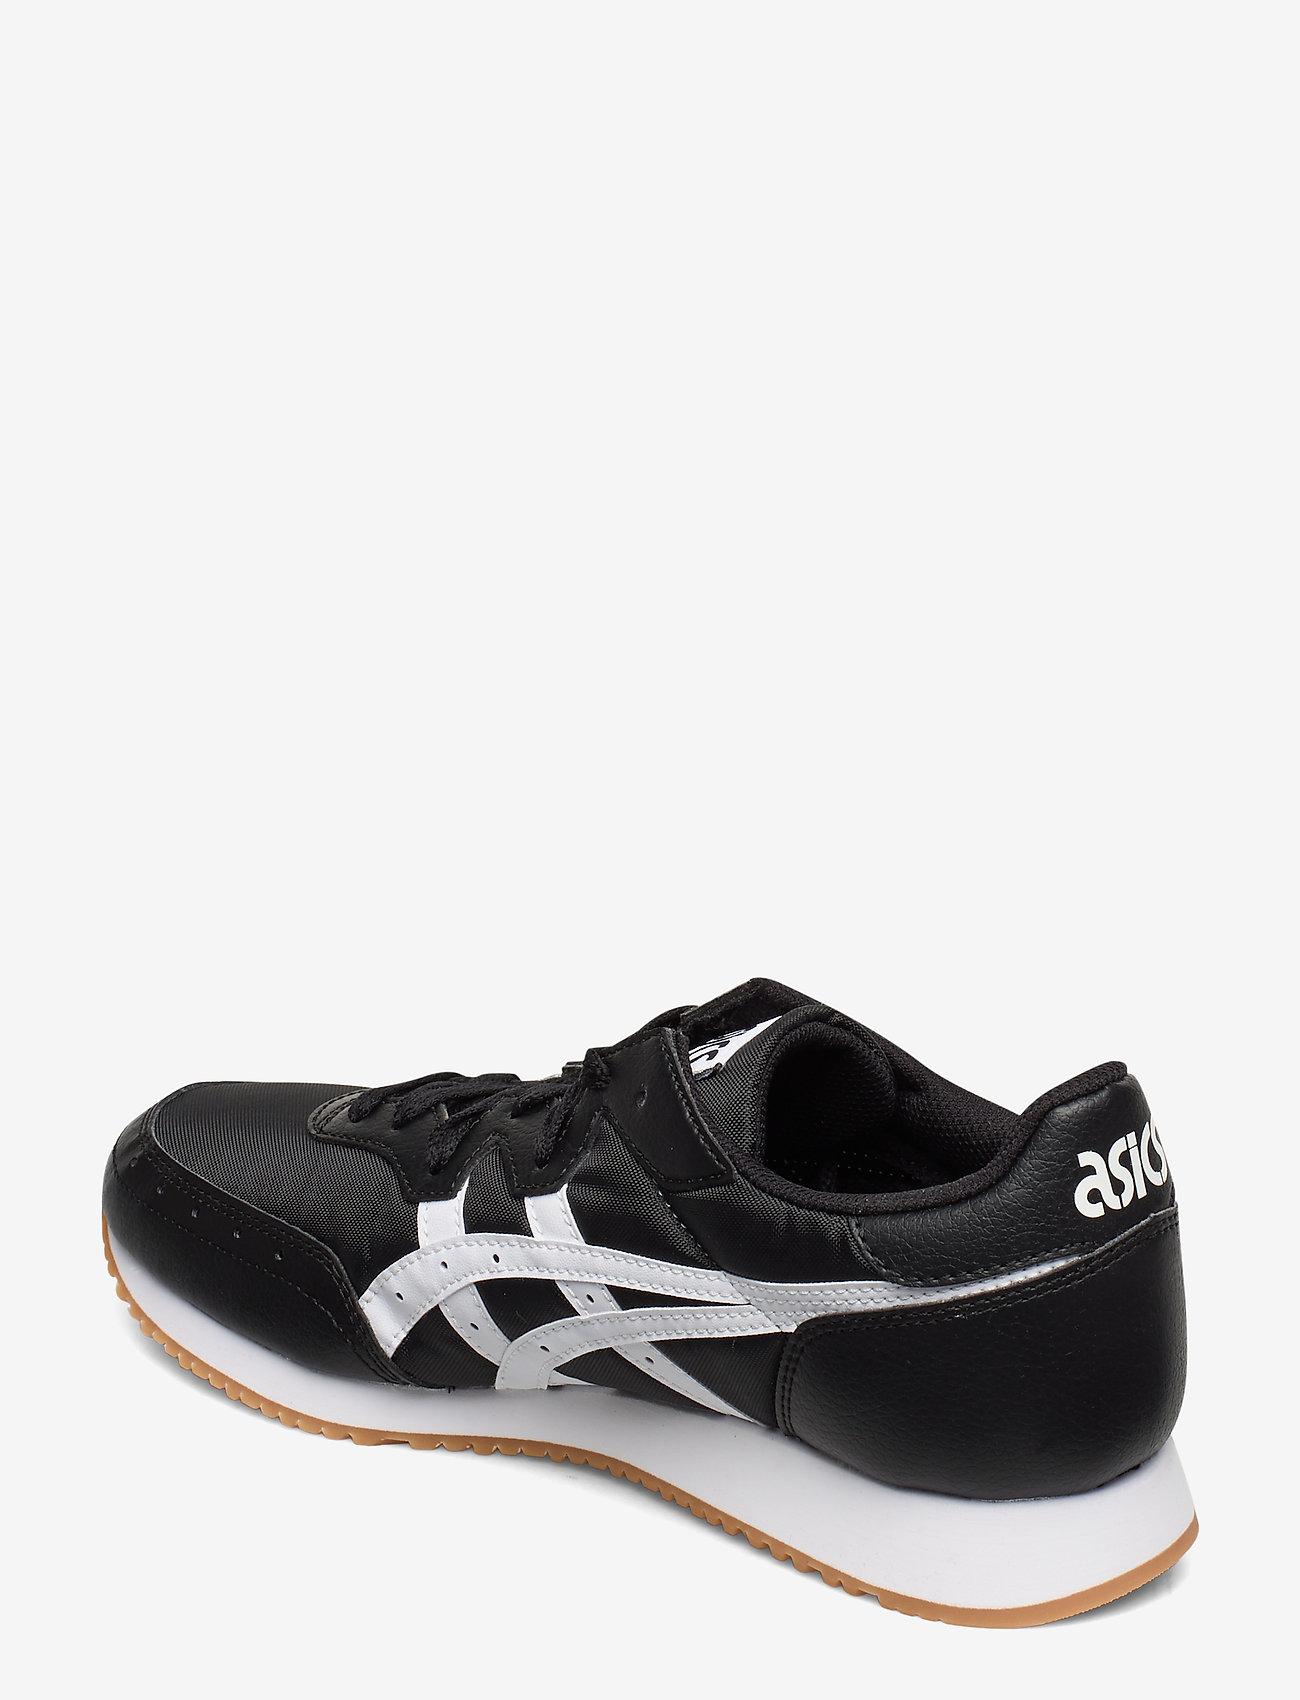 Tarther Og (Black/white) (390 kr) - ASICS SportStyle 0P5qiogb